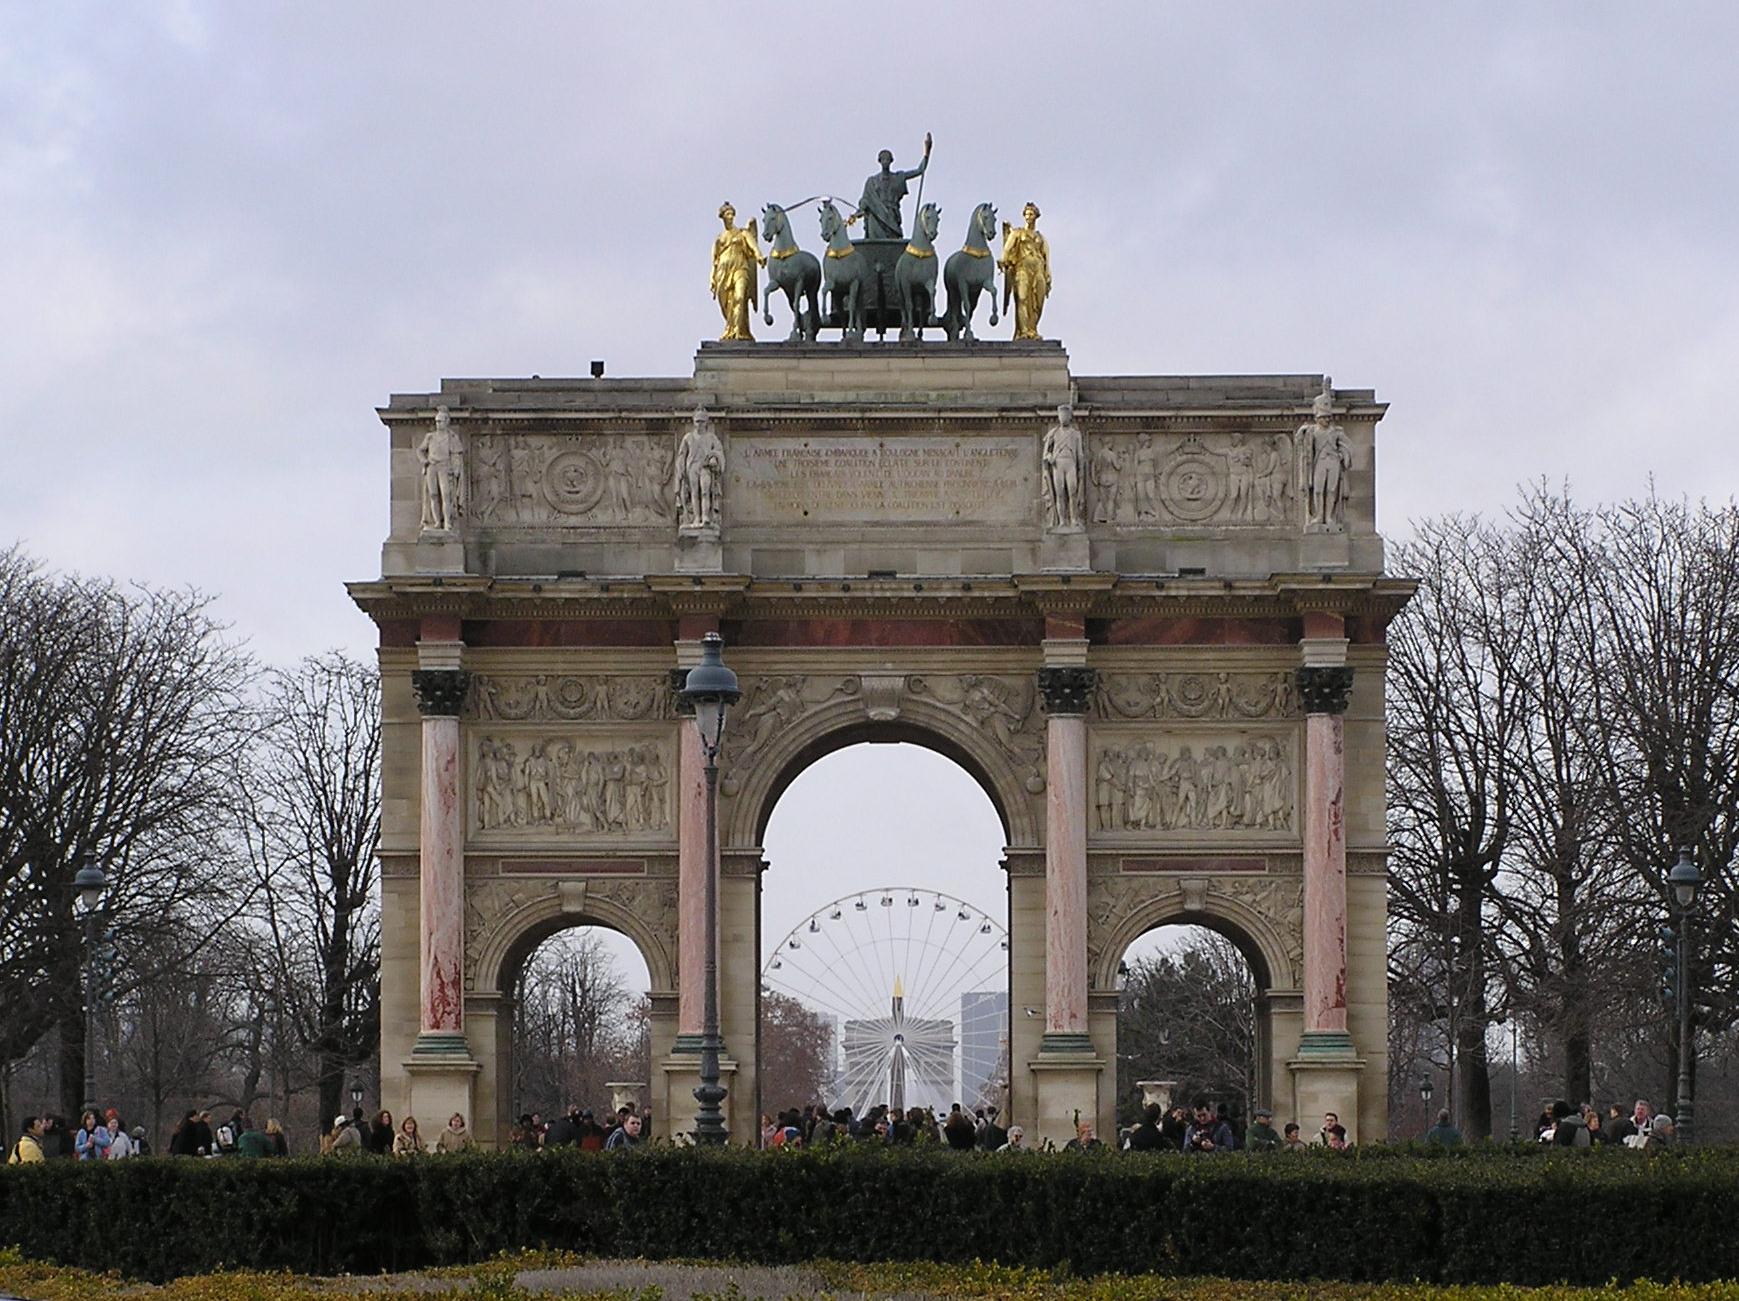 Veni vidi vici arco del triunfo del carrusel - Arcos de jardin ...